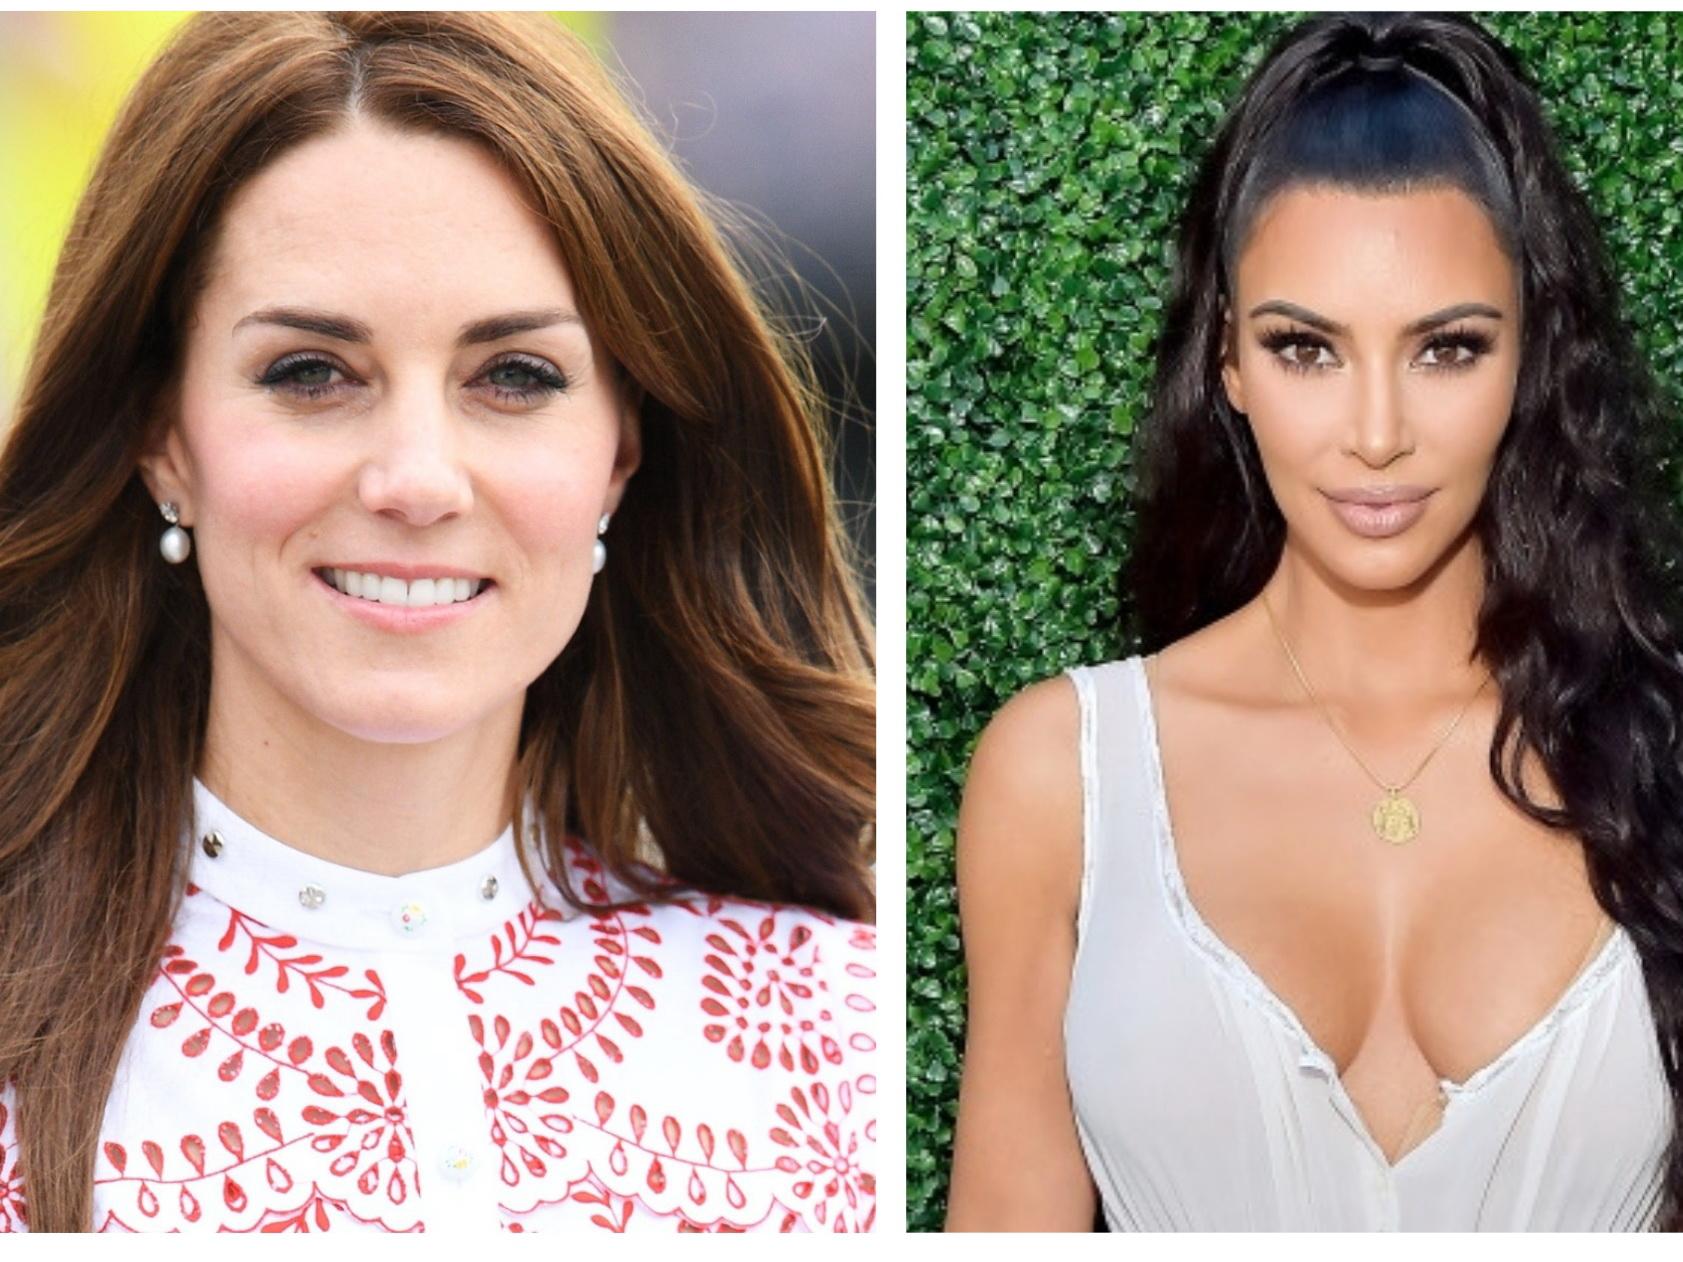 Кейт Миддлтон не желает навязчивой дружбы с Ким Кардашьян и возвращает ей подарки – ФОТО – ВИДЕО